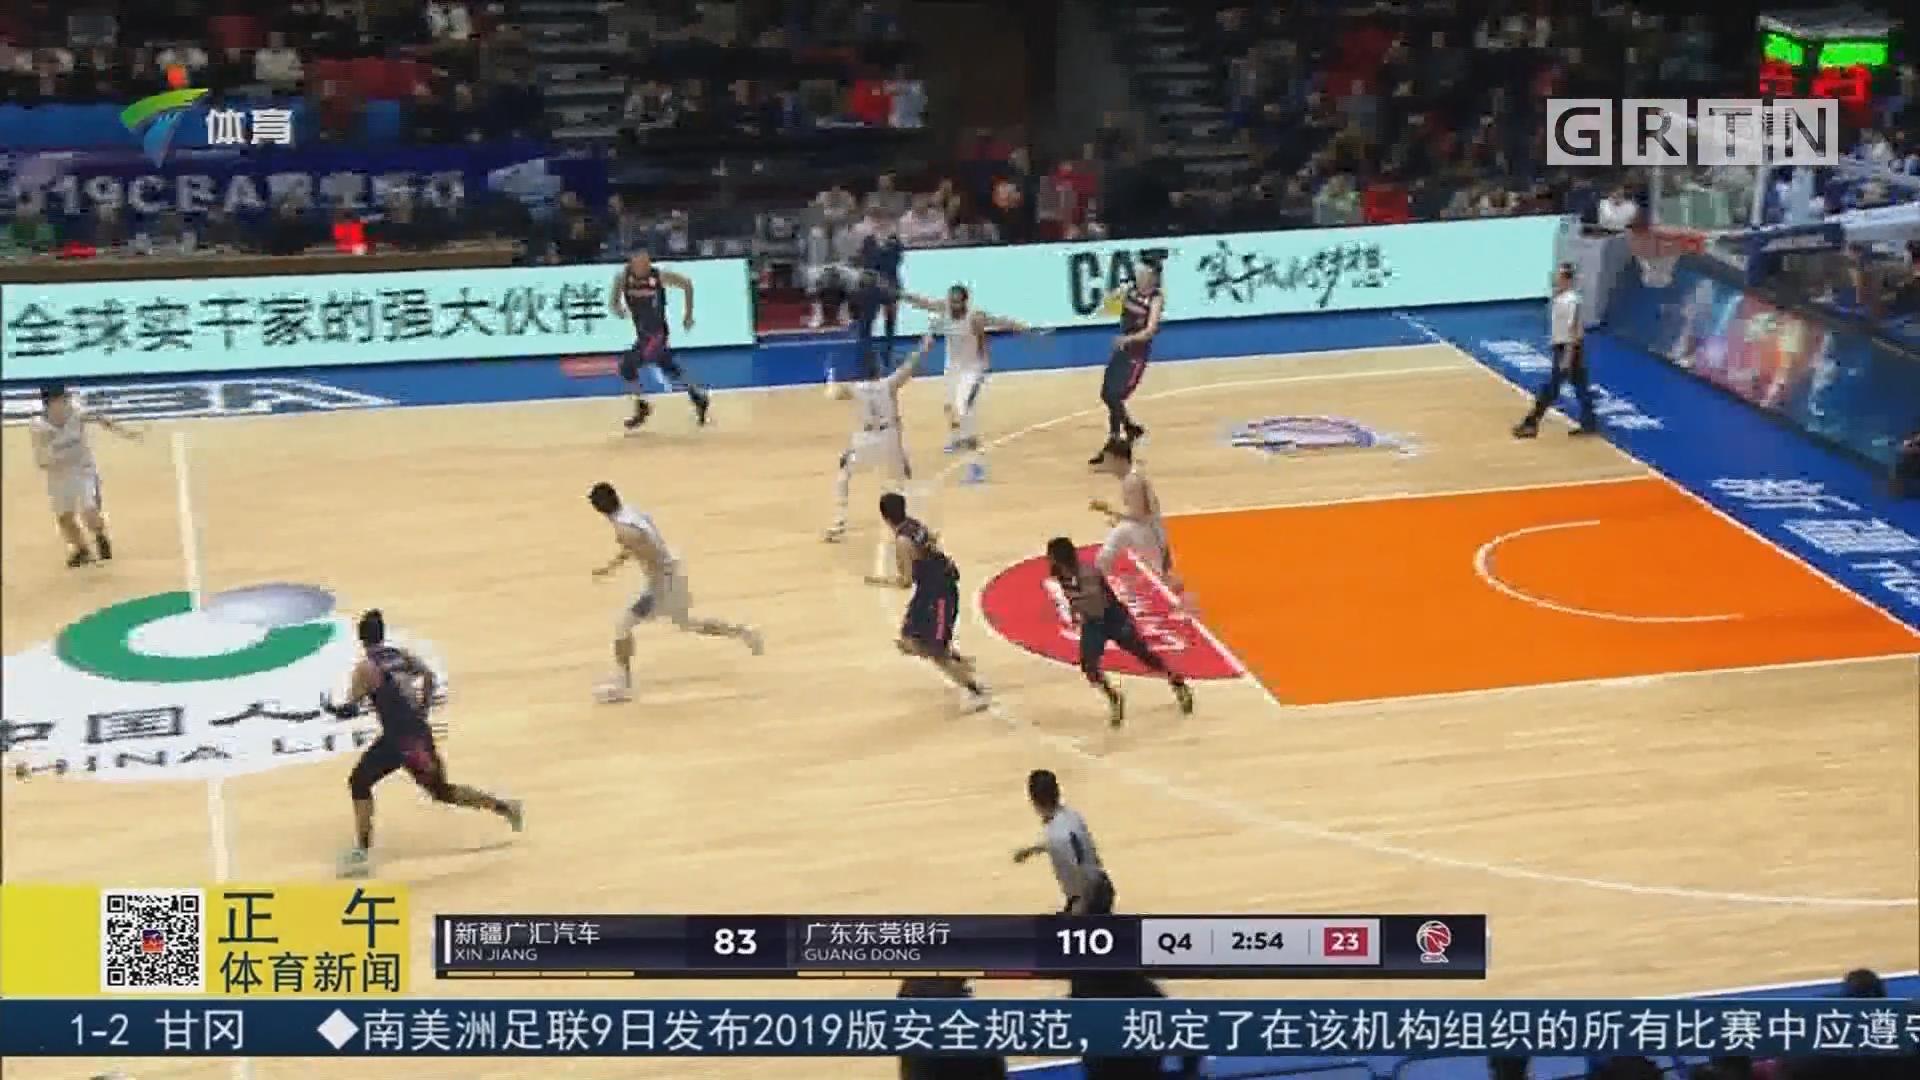 广东打破新疆本赛季主场不败金身